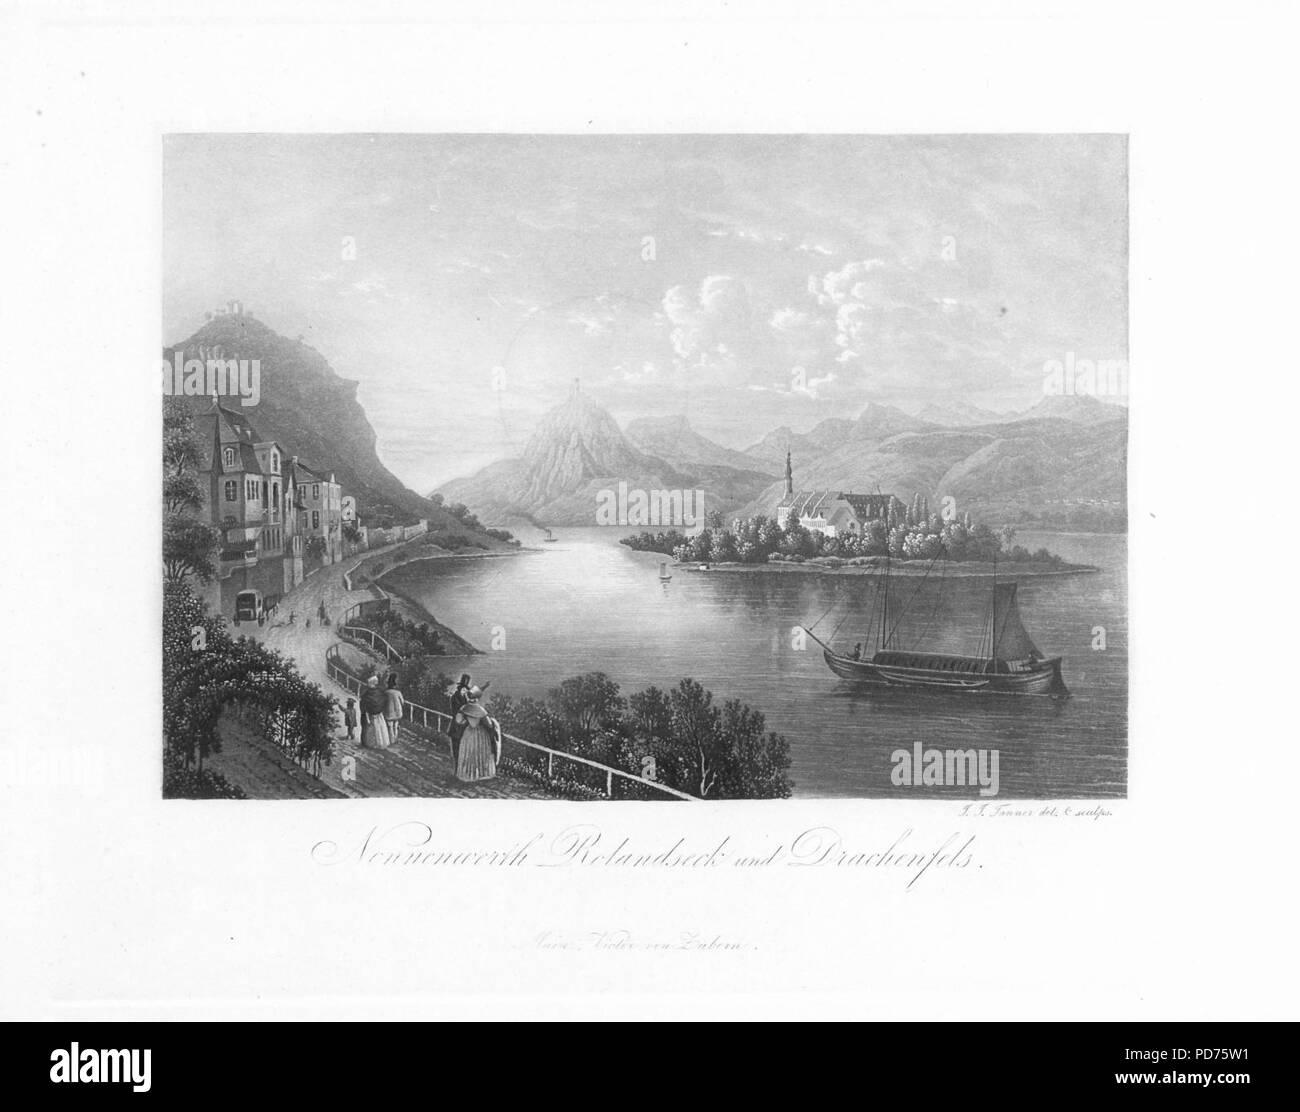 Andenken an den Rhein (1840) 023. - Stock Image